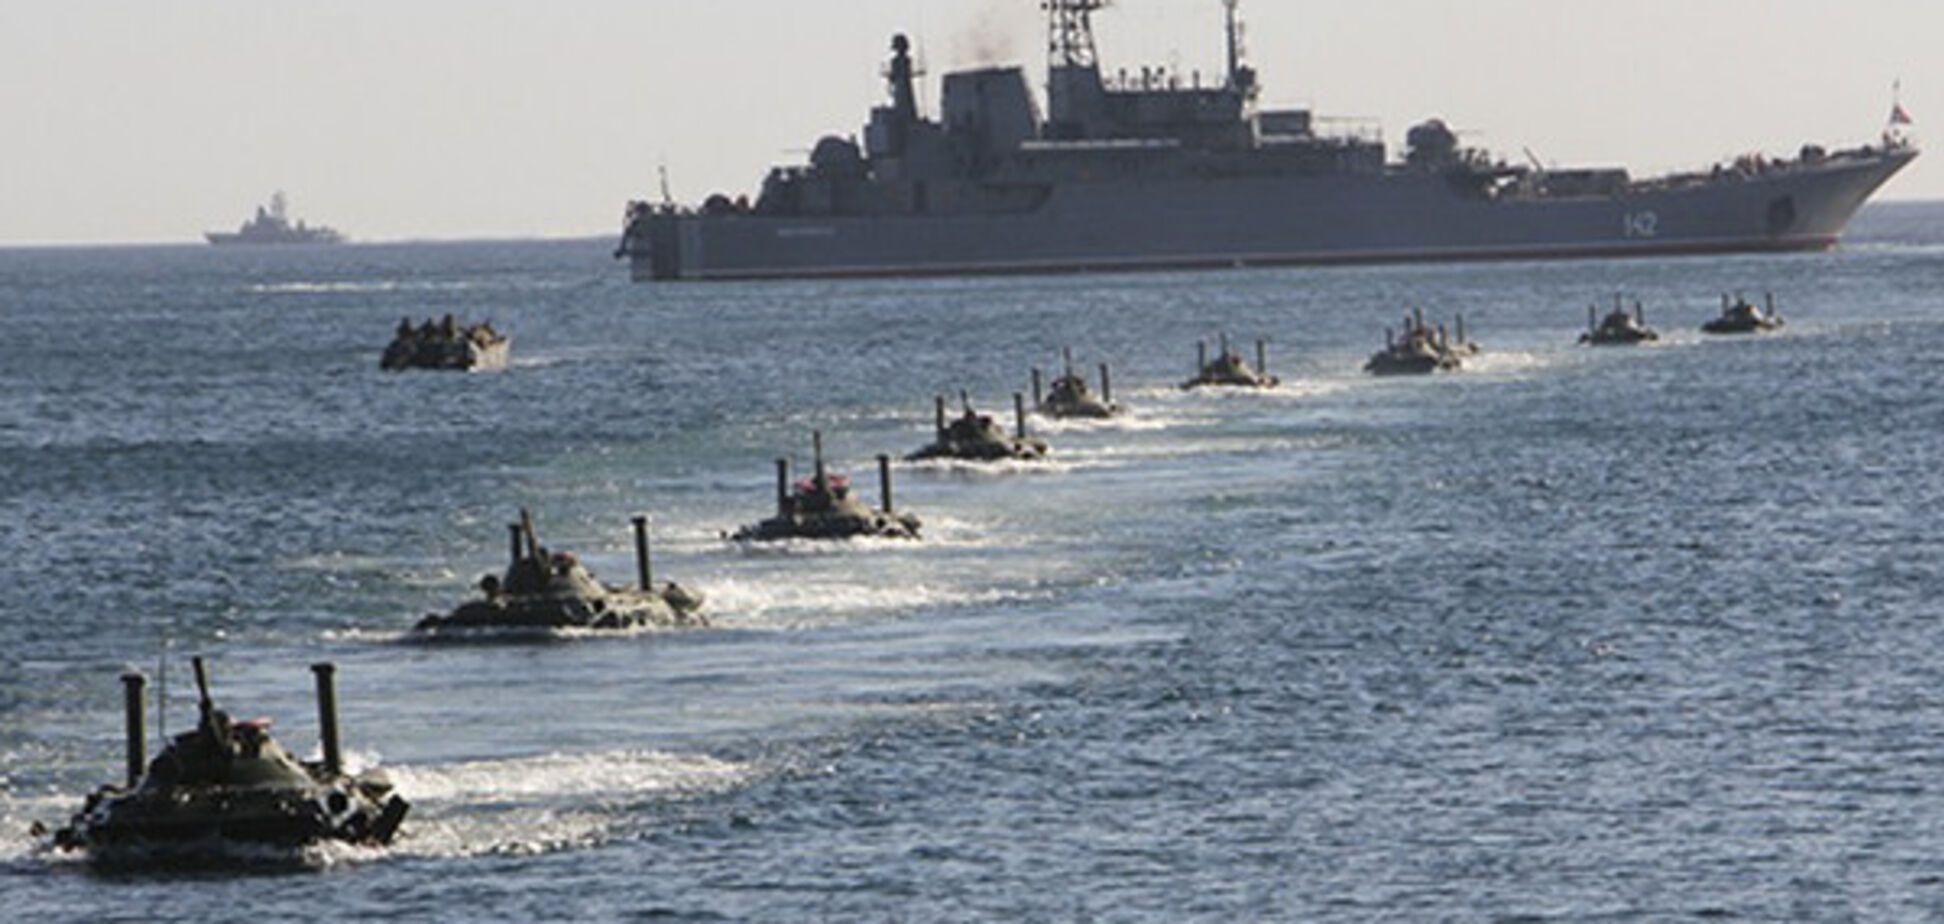 Український адмірал озвучив план боротьби з 'піратами' РФ в Чорному морі